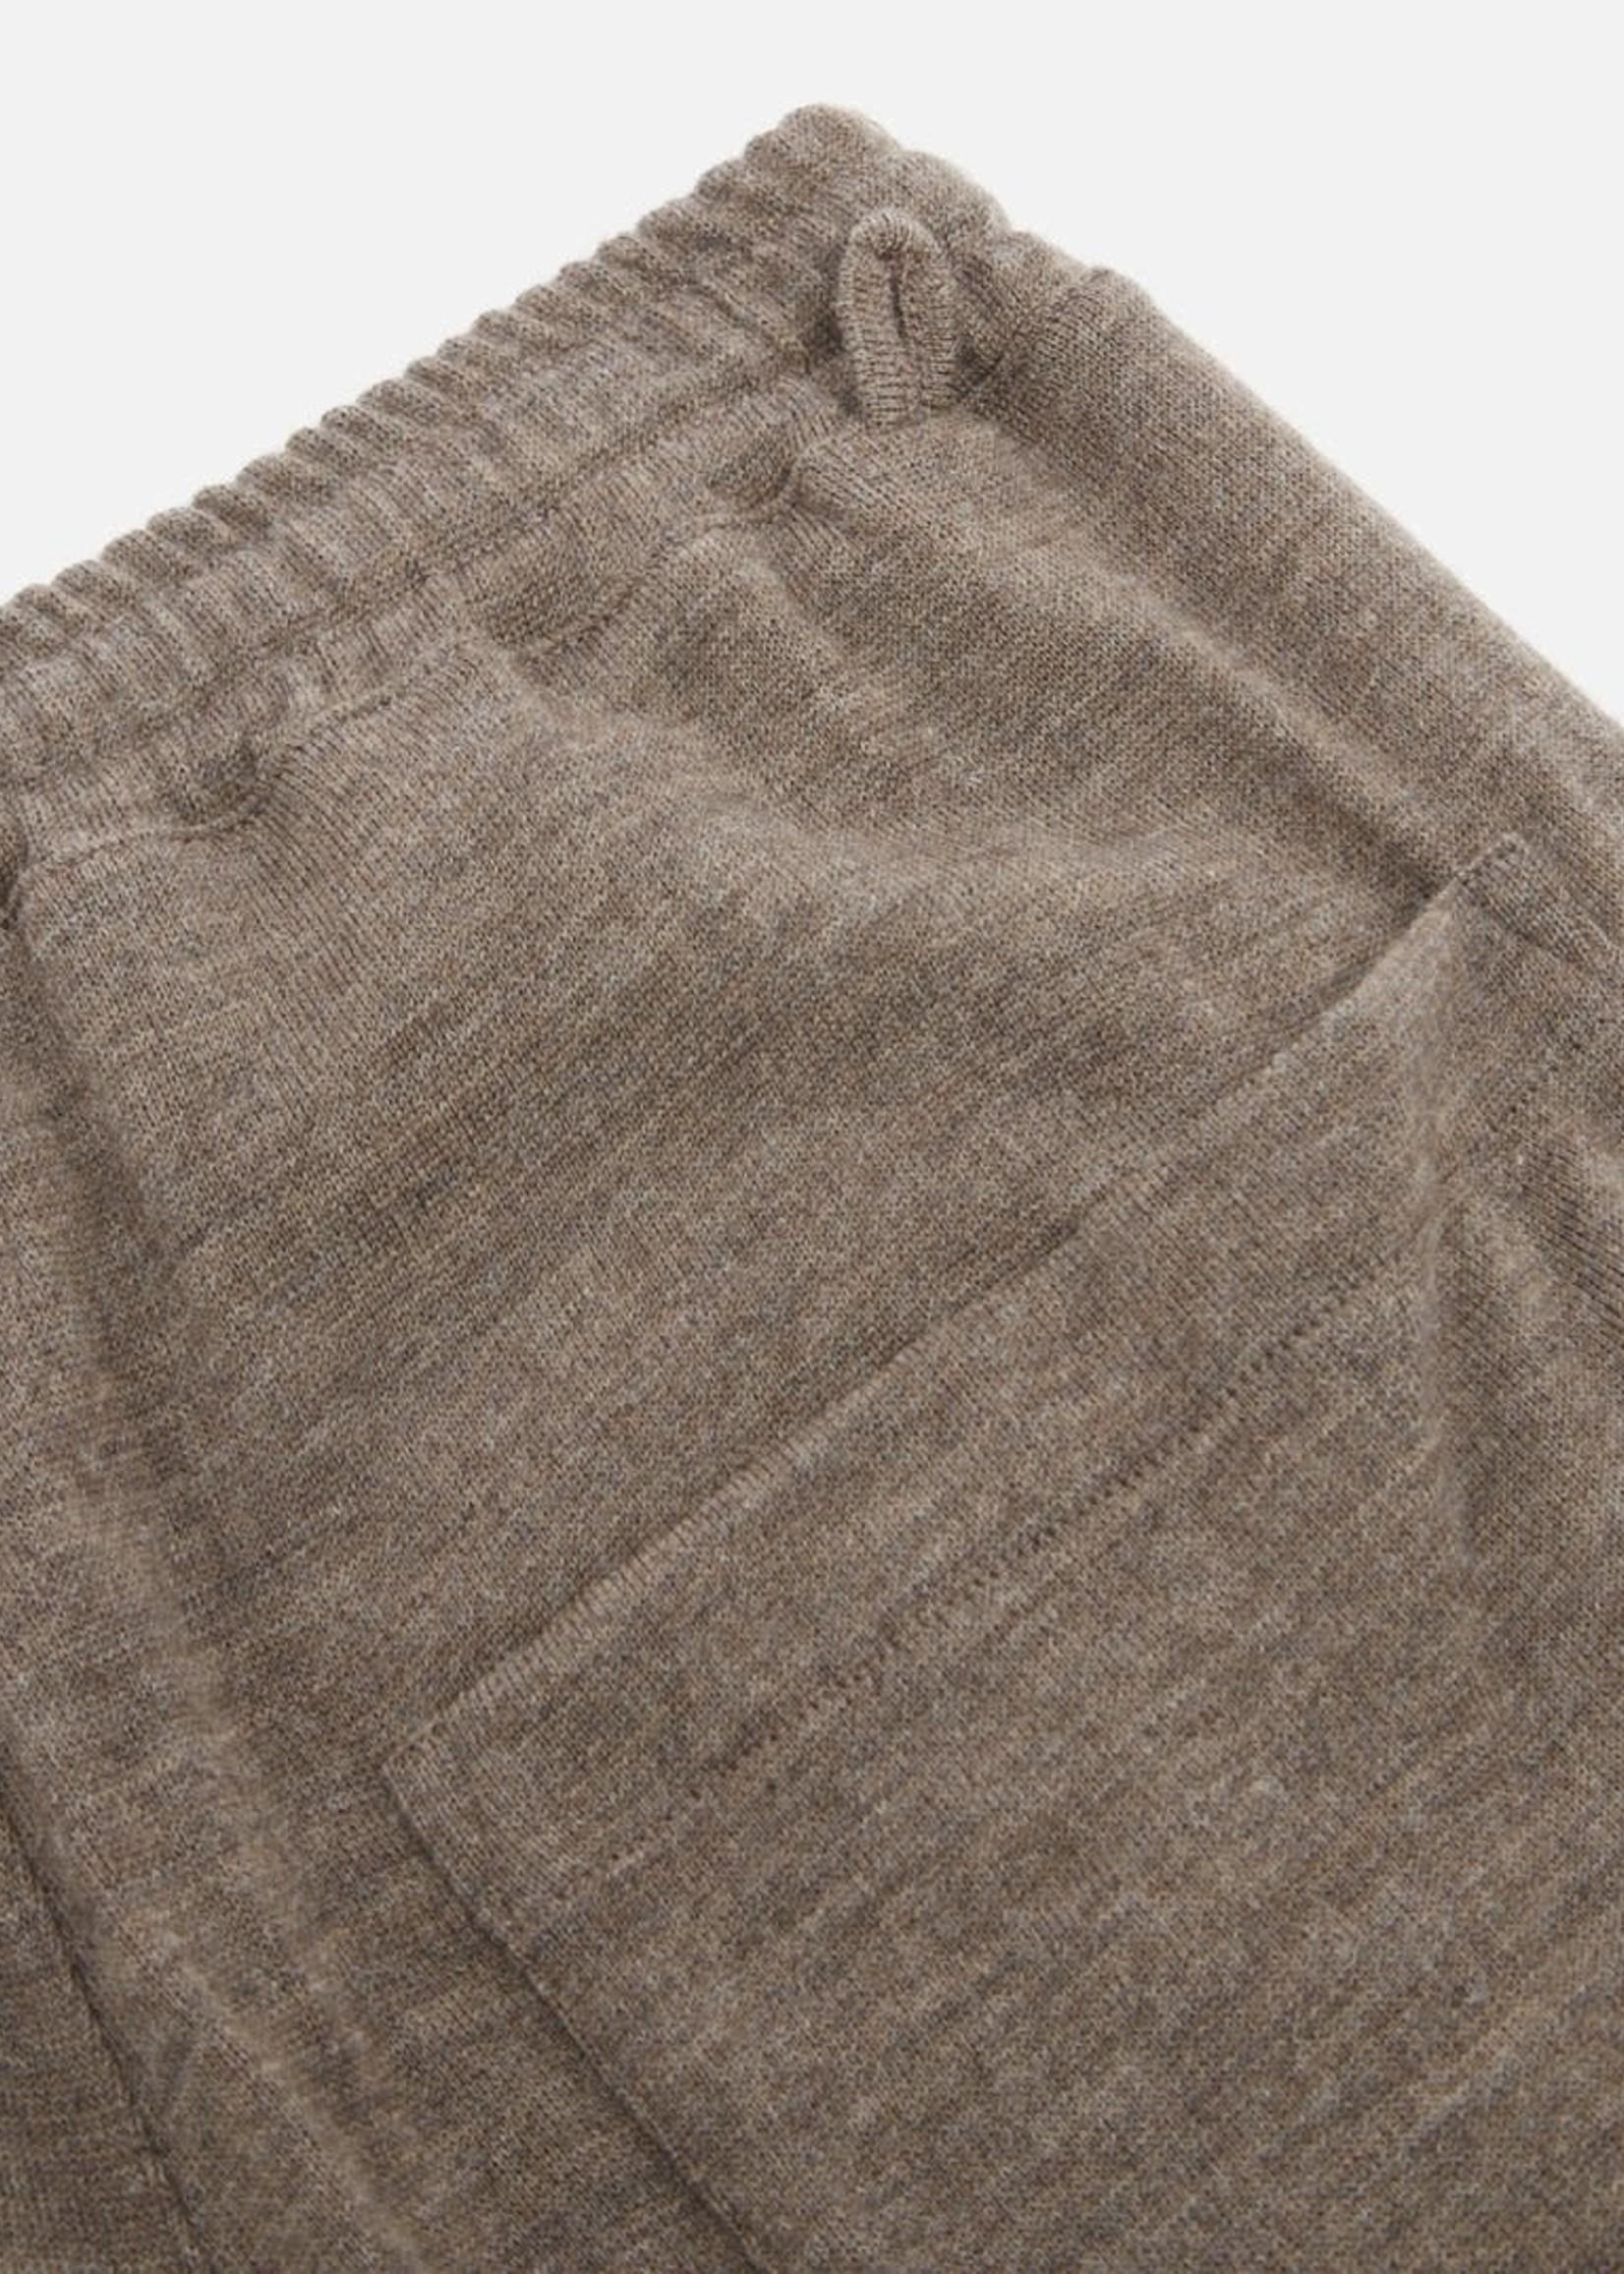 Universal Works Universal Works Lumber Pant Brown Marl Wool